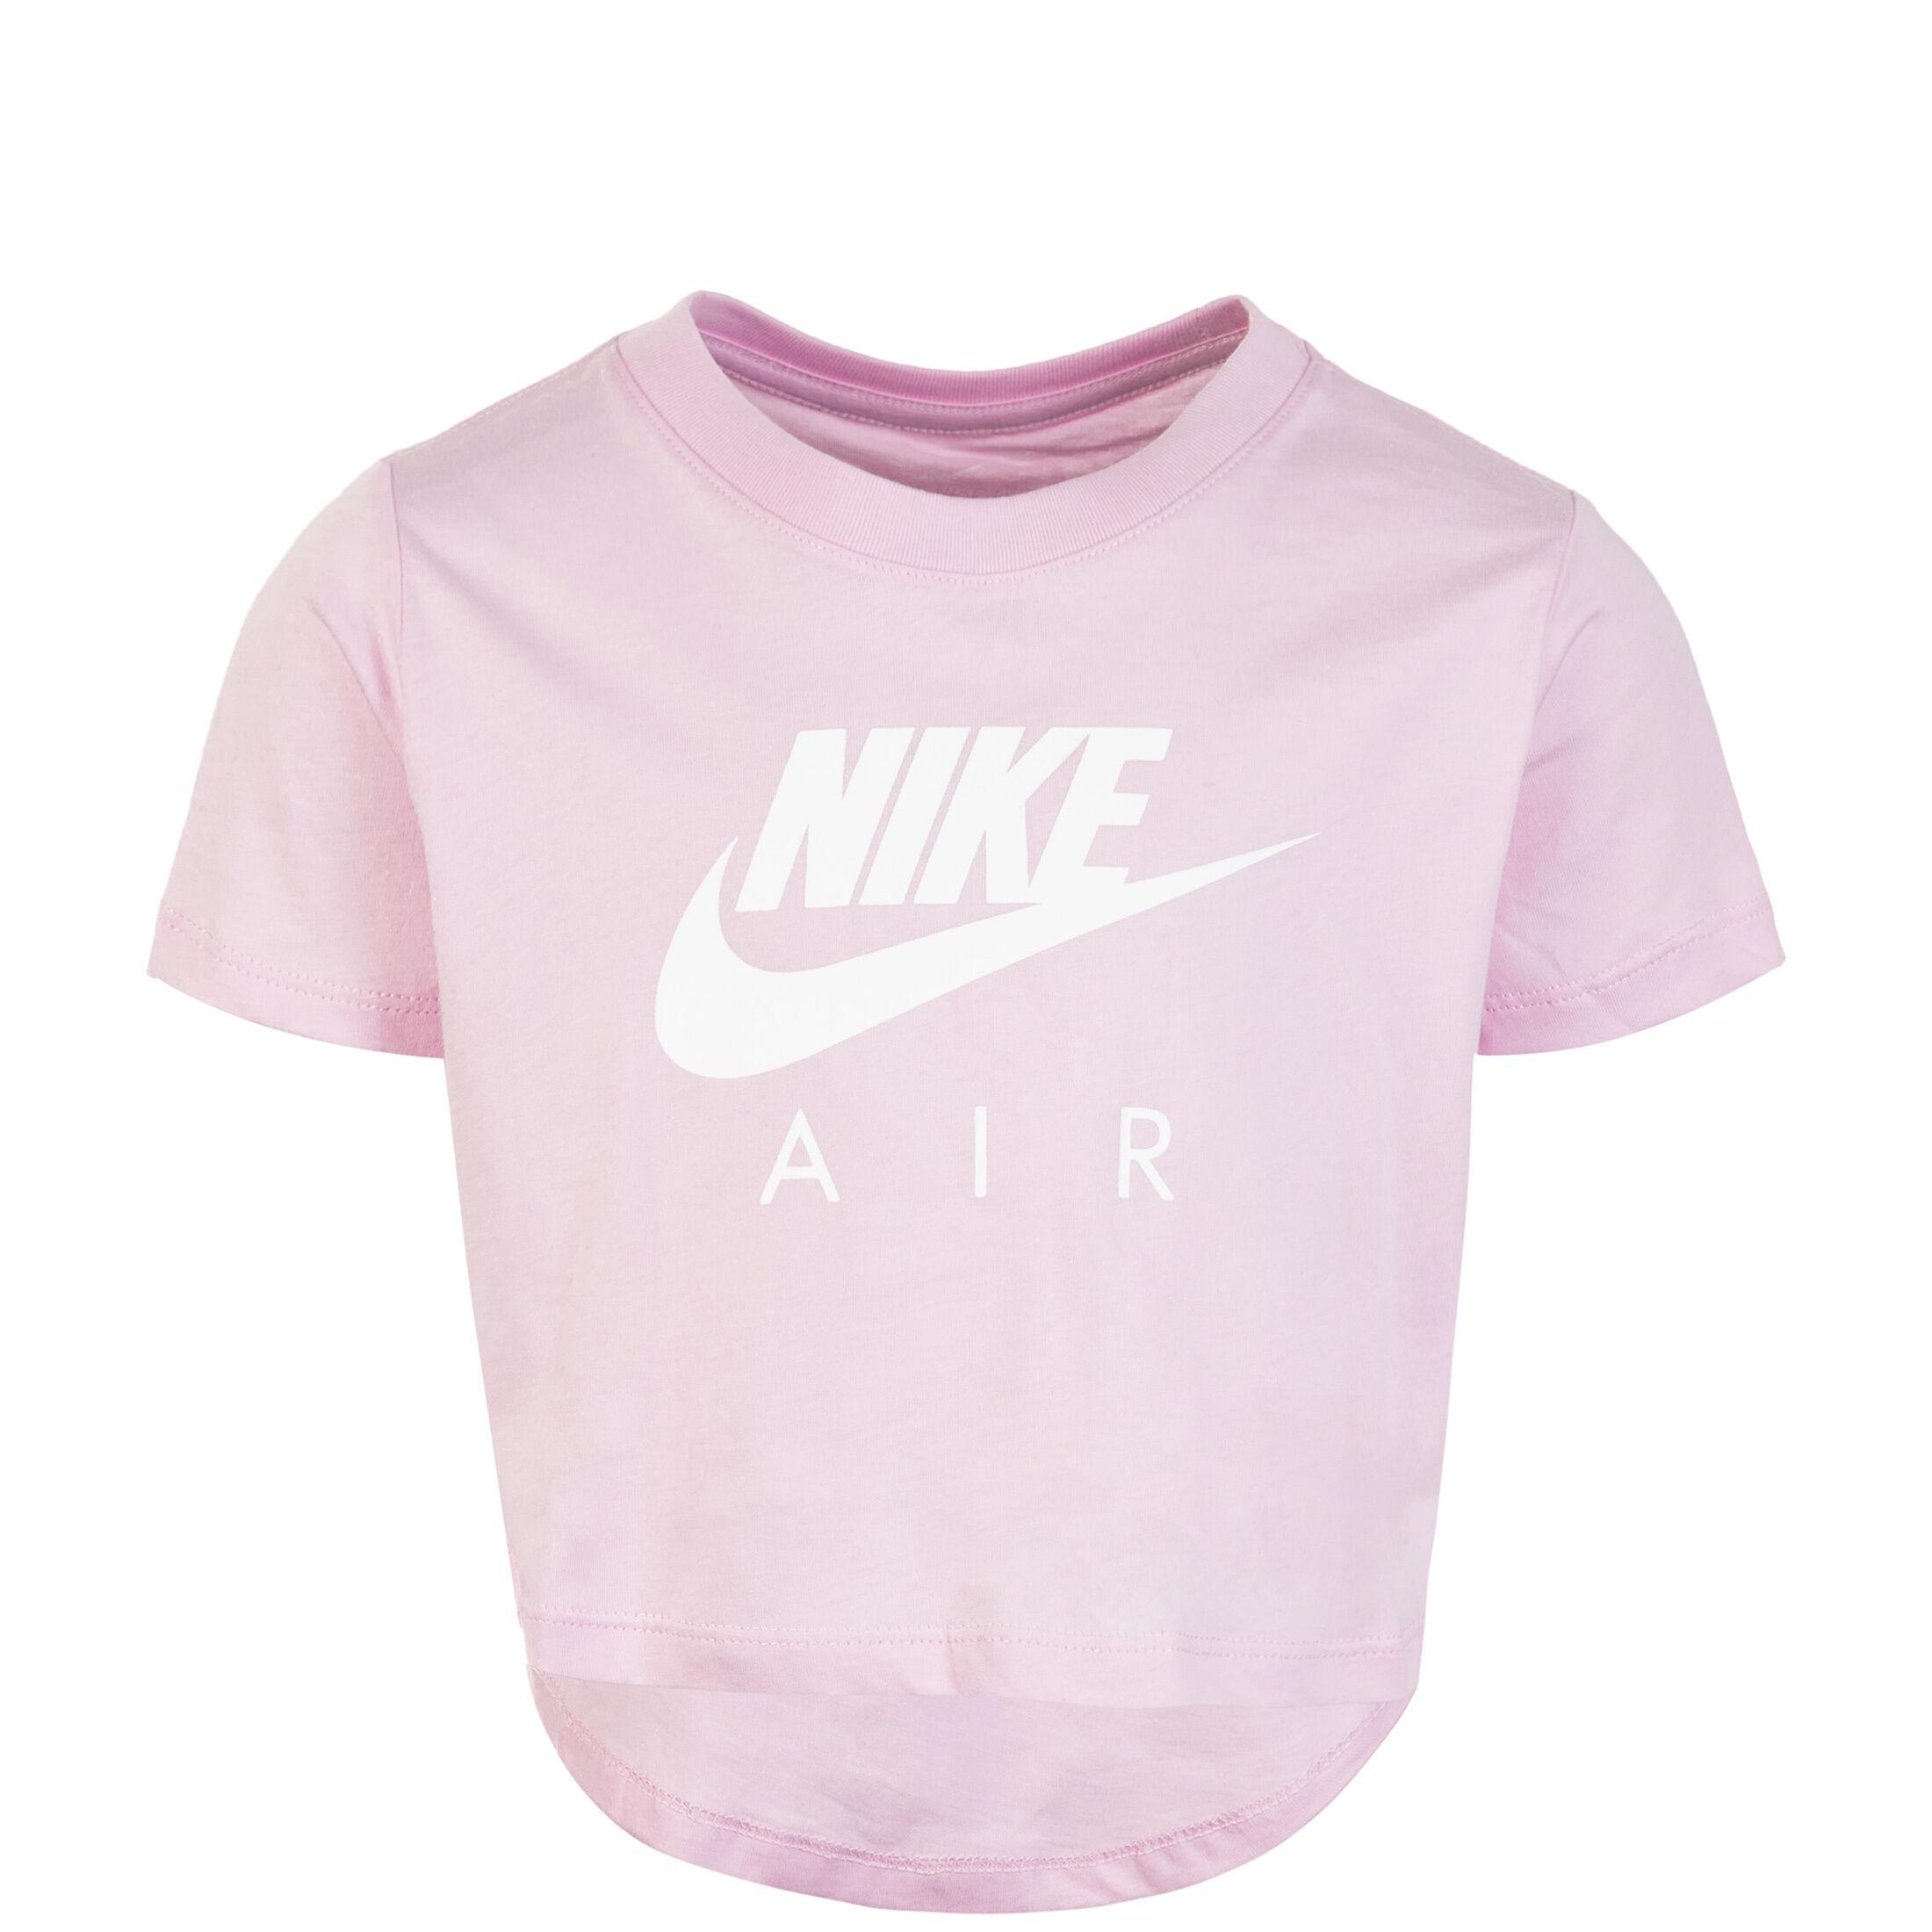 Nike Sportswear Air Crop T Shirt Kinder bei OUTFITTER